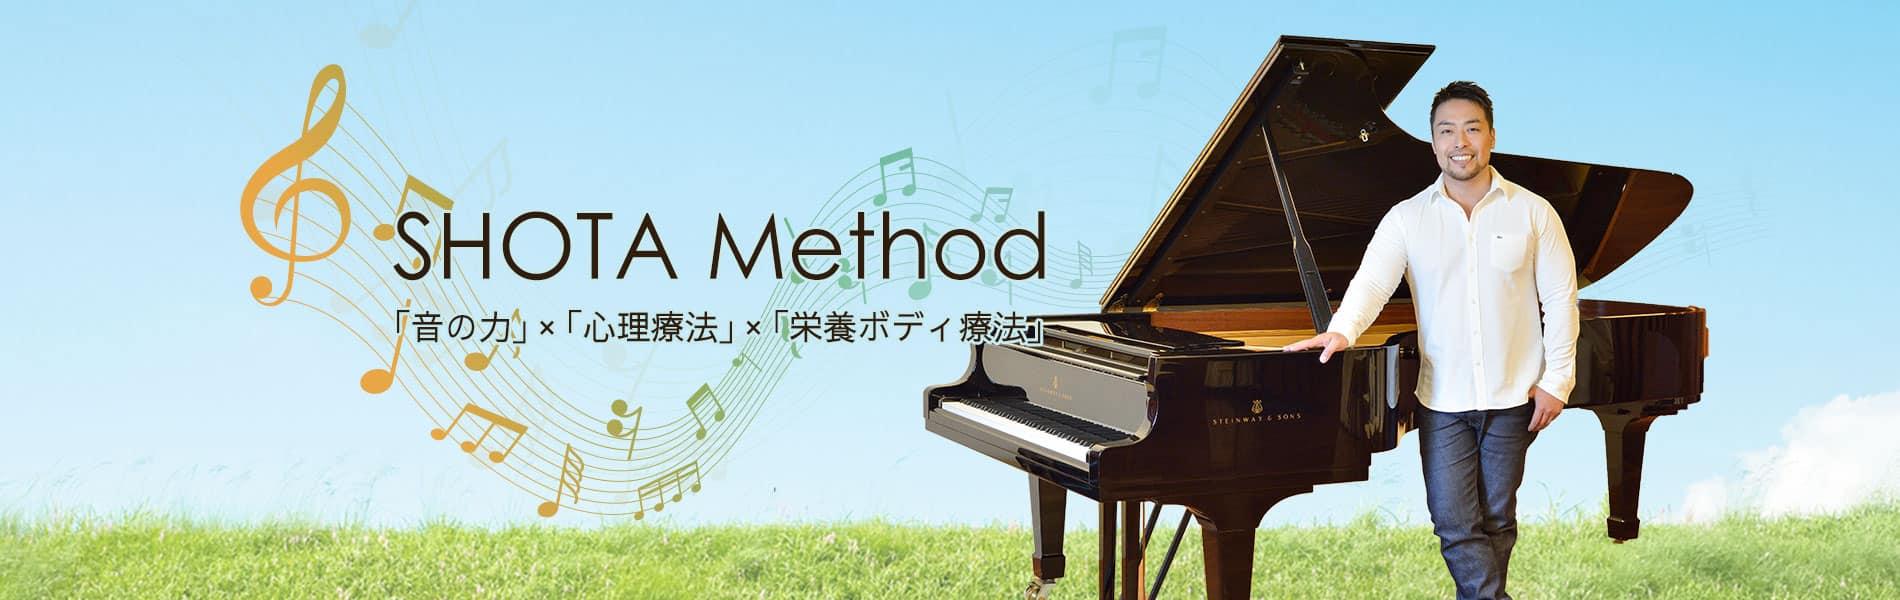 橋本翔太 心理 音楽 栄養 ヒーリング ピアノ サプリメント